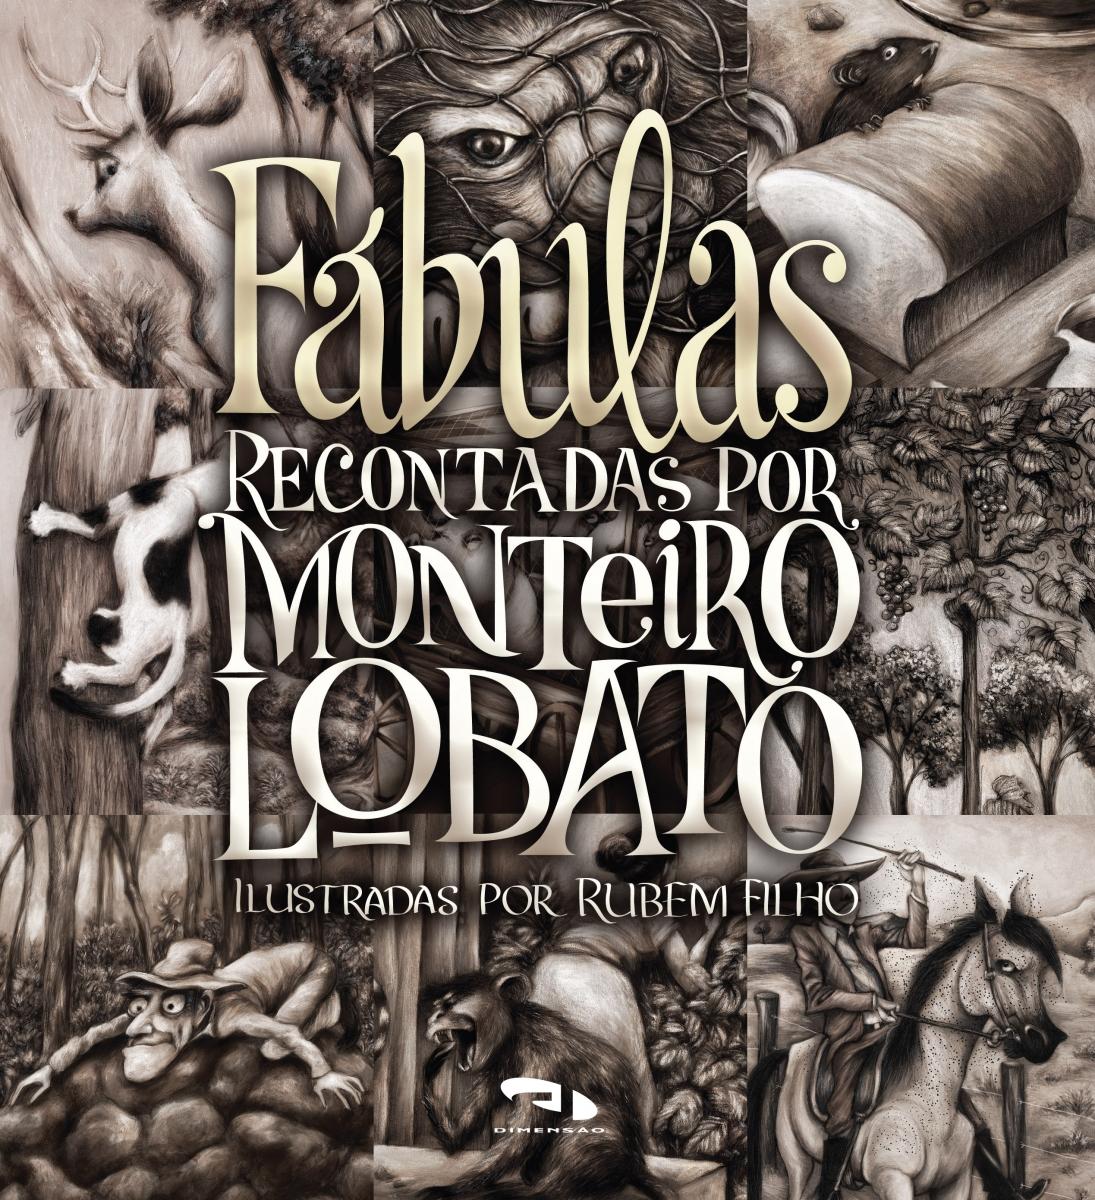 Fábulas recontadas por Monteiro Lobato